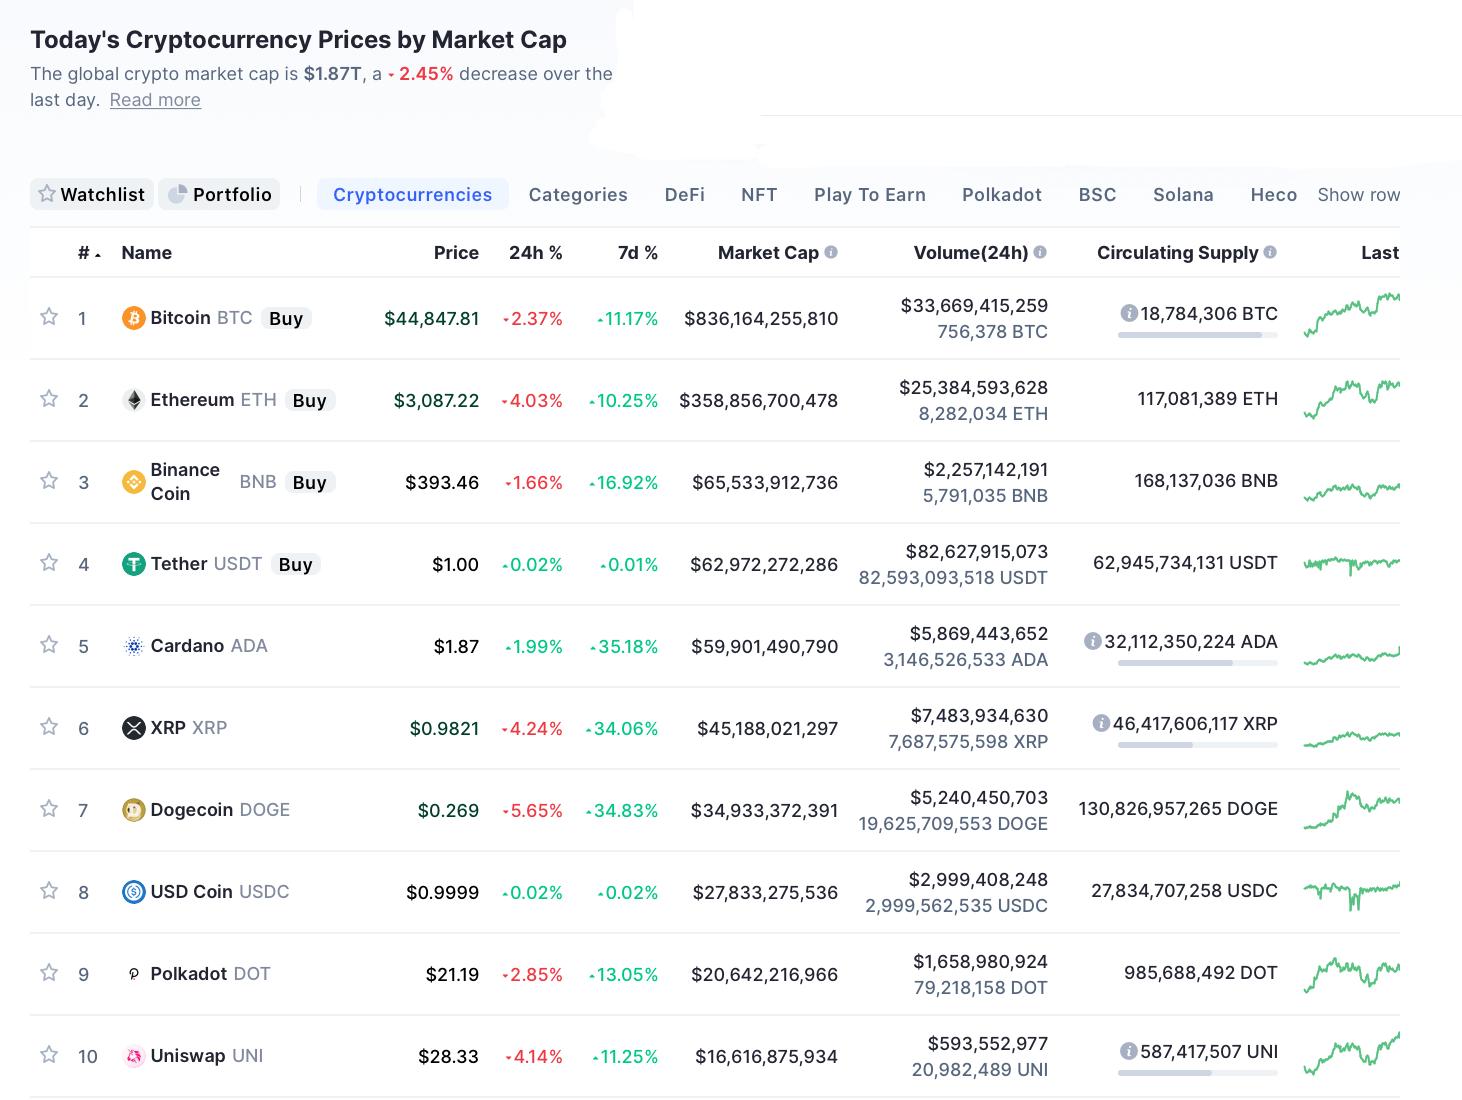 Nhóm 10 đồng tiền hàng đầu theo giá trị thị trường ngày 13/8/21. (Nguồn: CoinMarketCap).